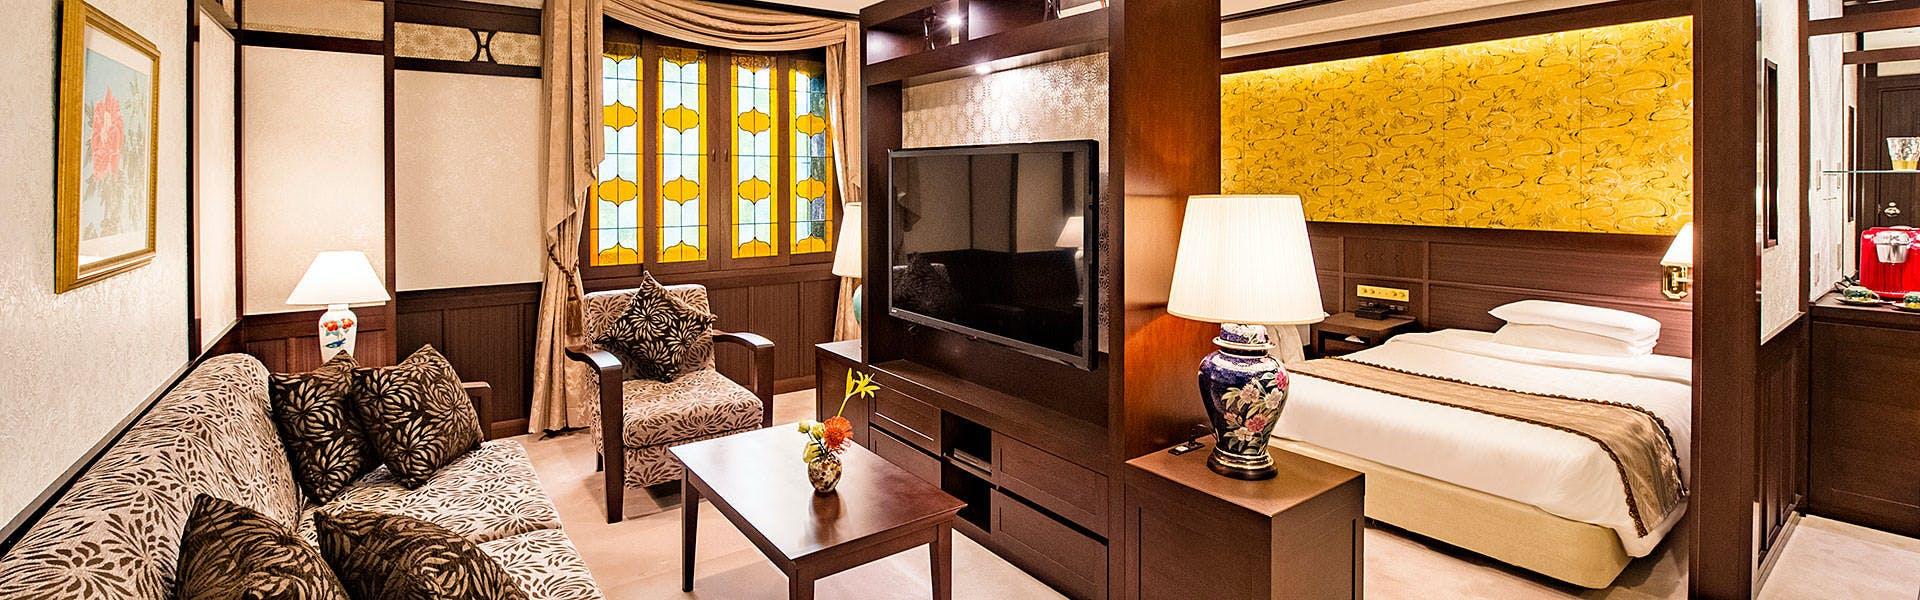 記念日におすすめのホテル・【金沢白鳥路 ホテル山楽】の写真3